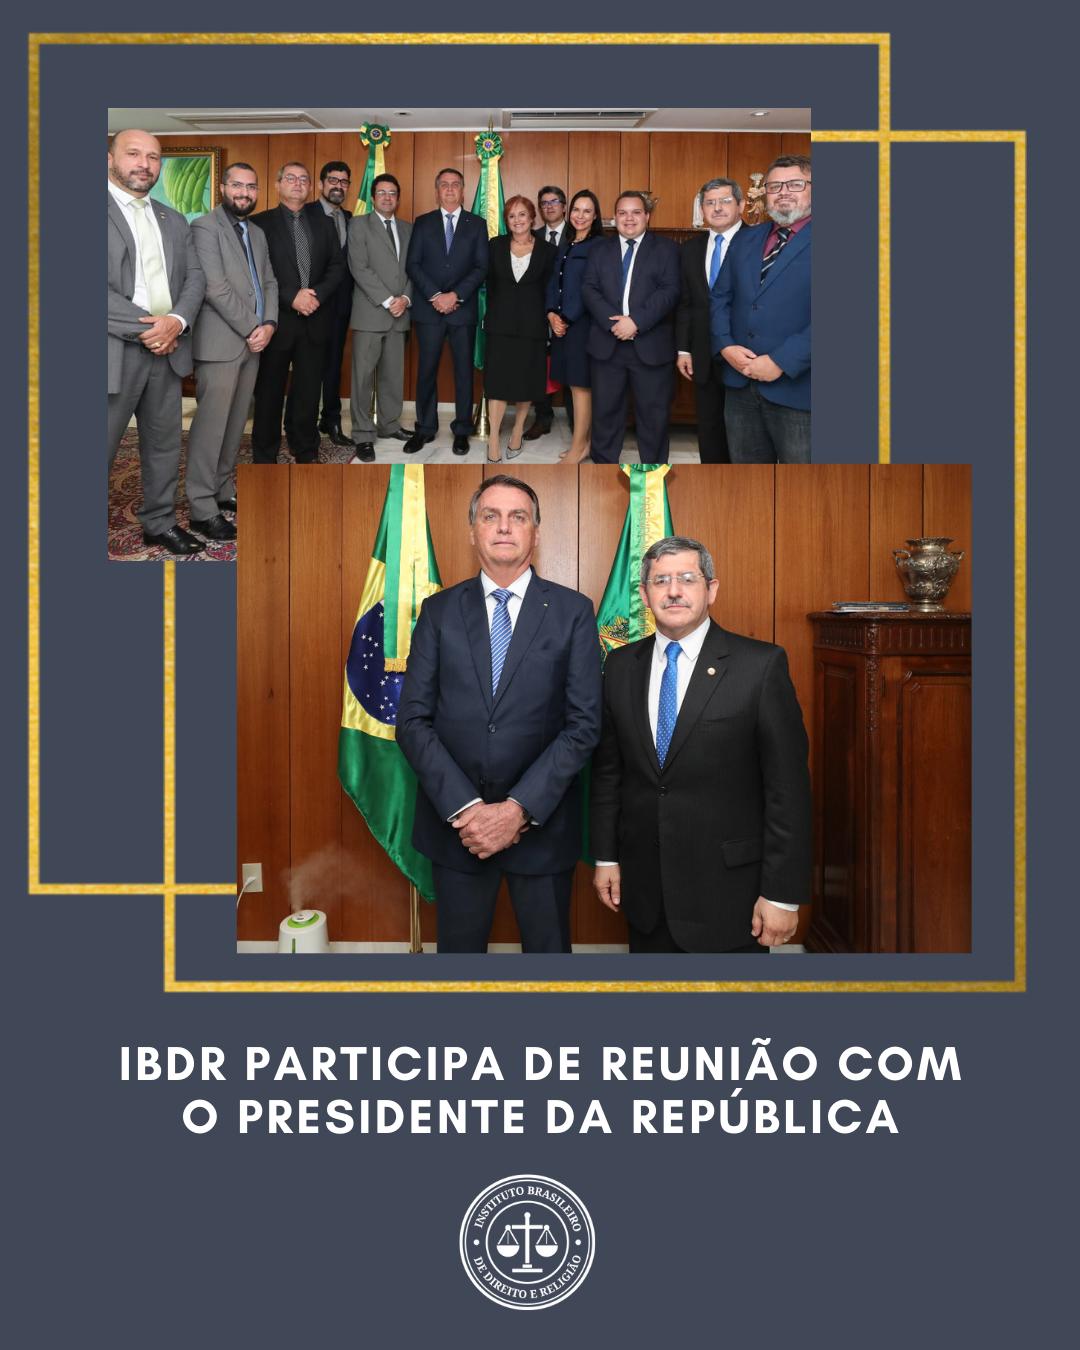 IBDR PARTICIPA DE REUNIÃO COM O PRESIDENTE DA REPÚBLICA